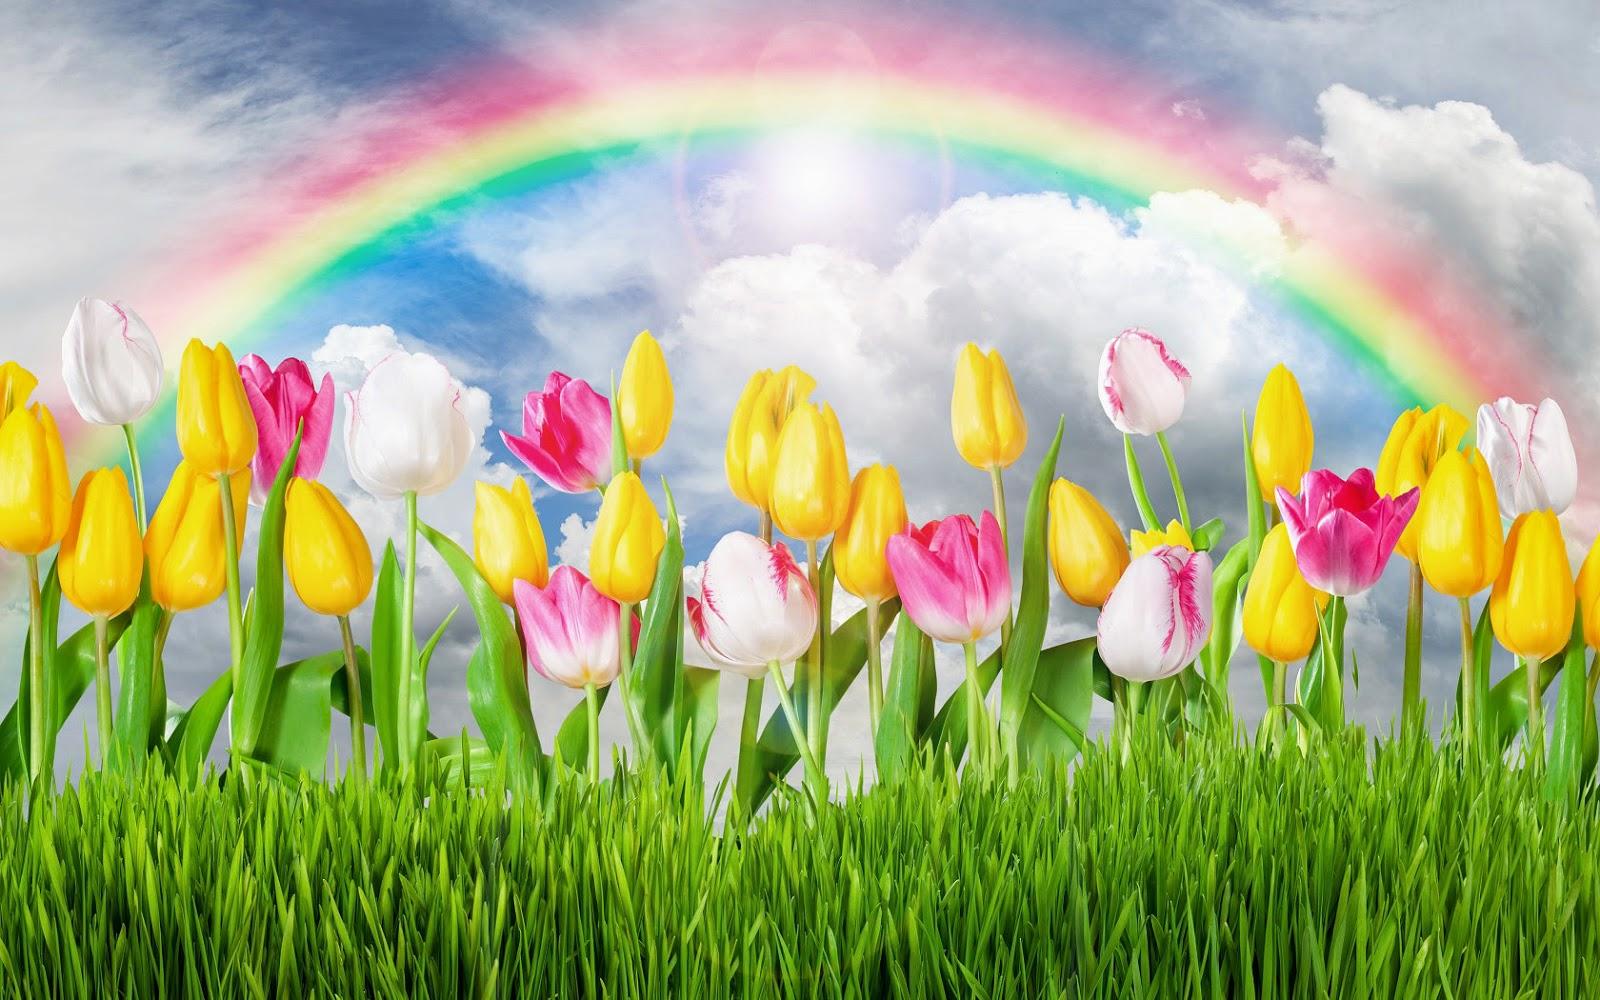 lente achtergronden hd - photo #32